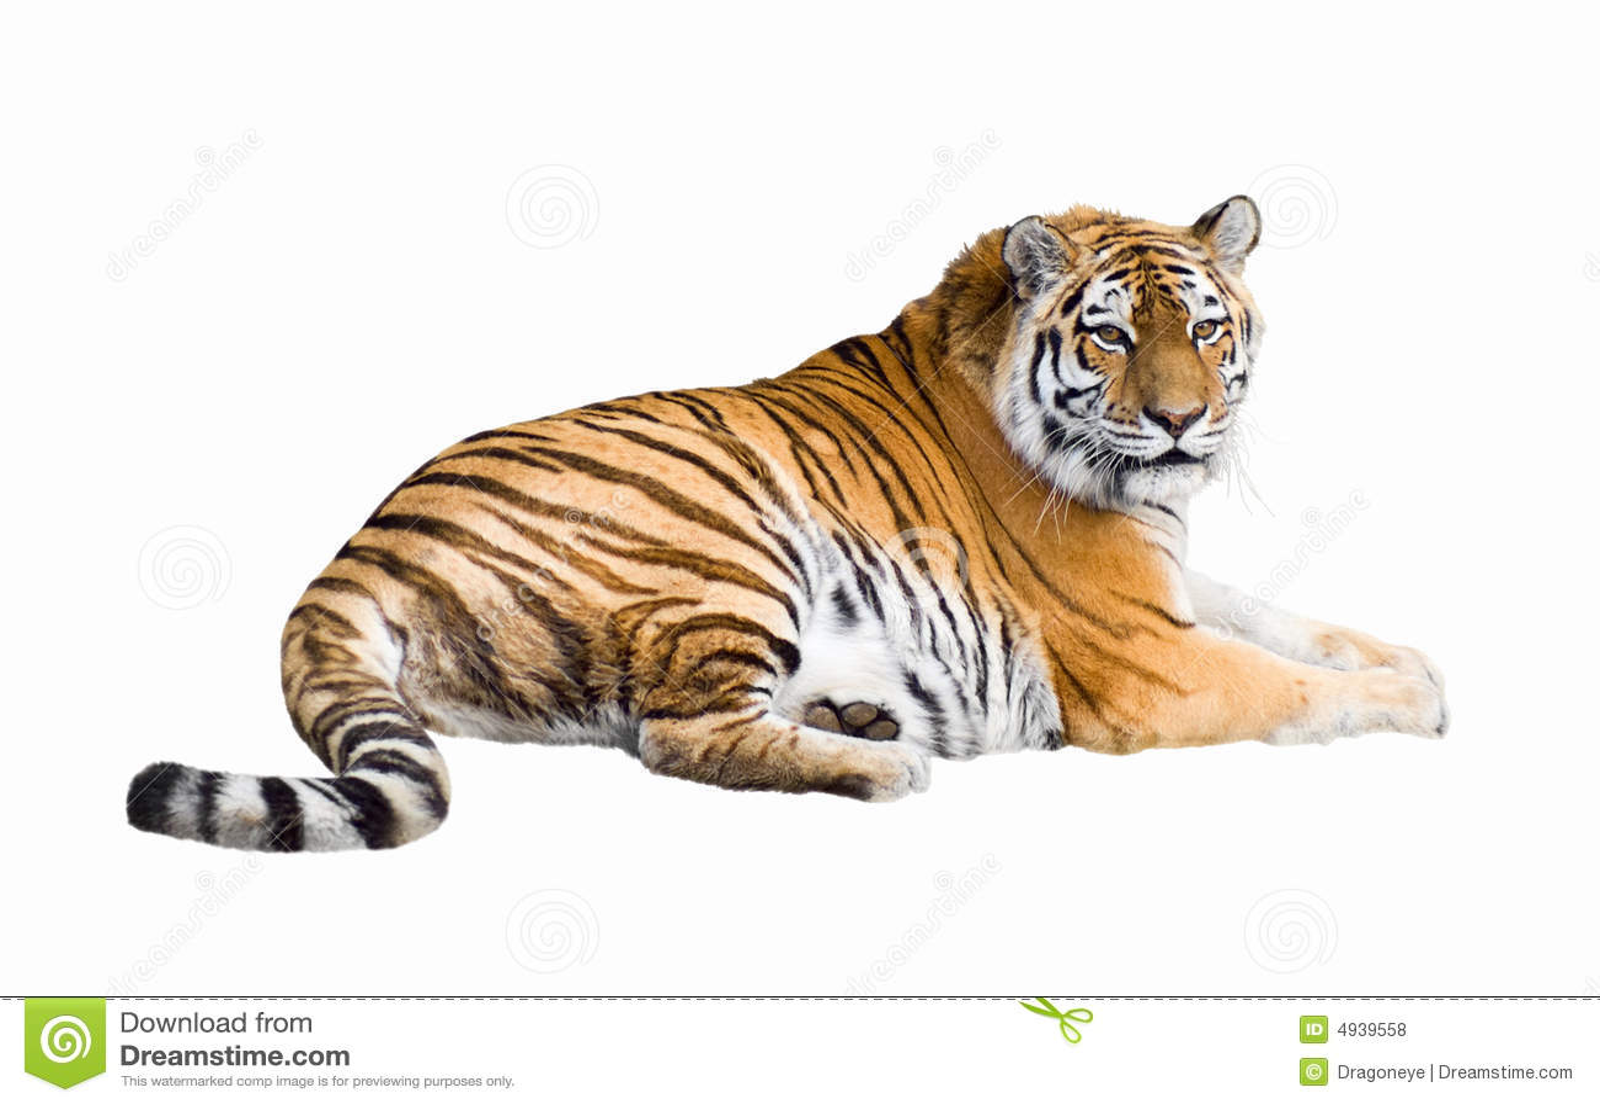 Découpage sibérien de tigre